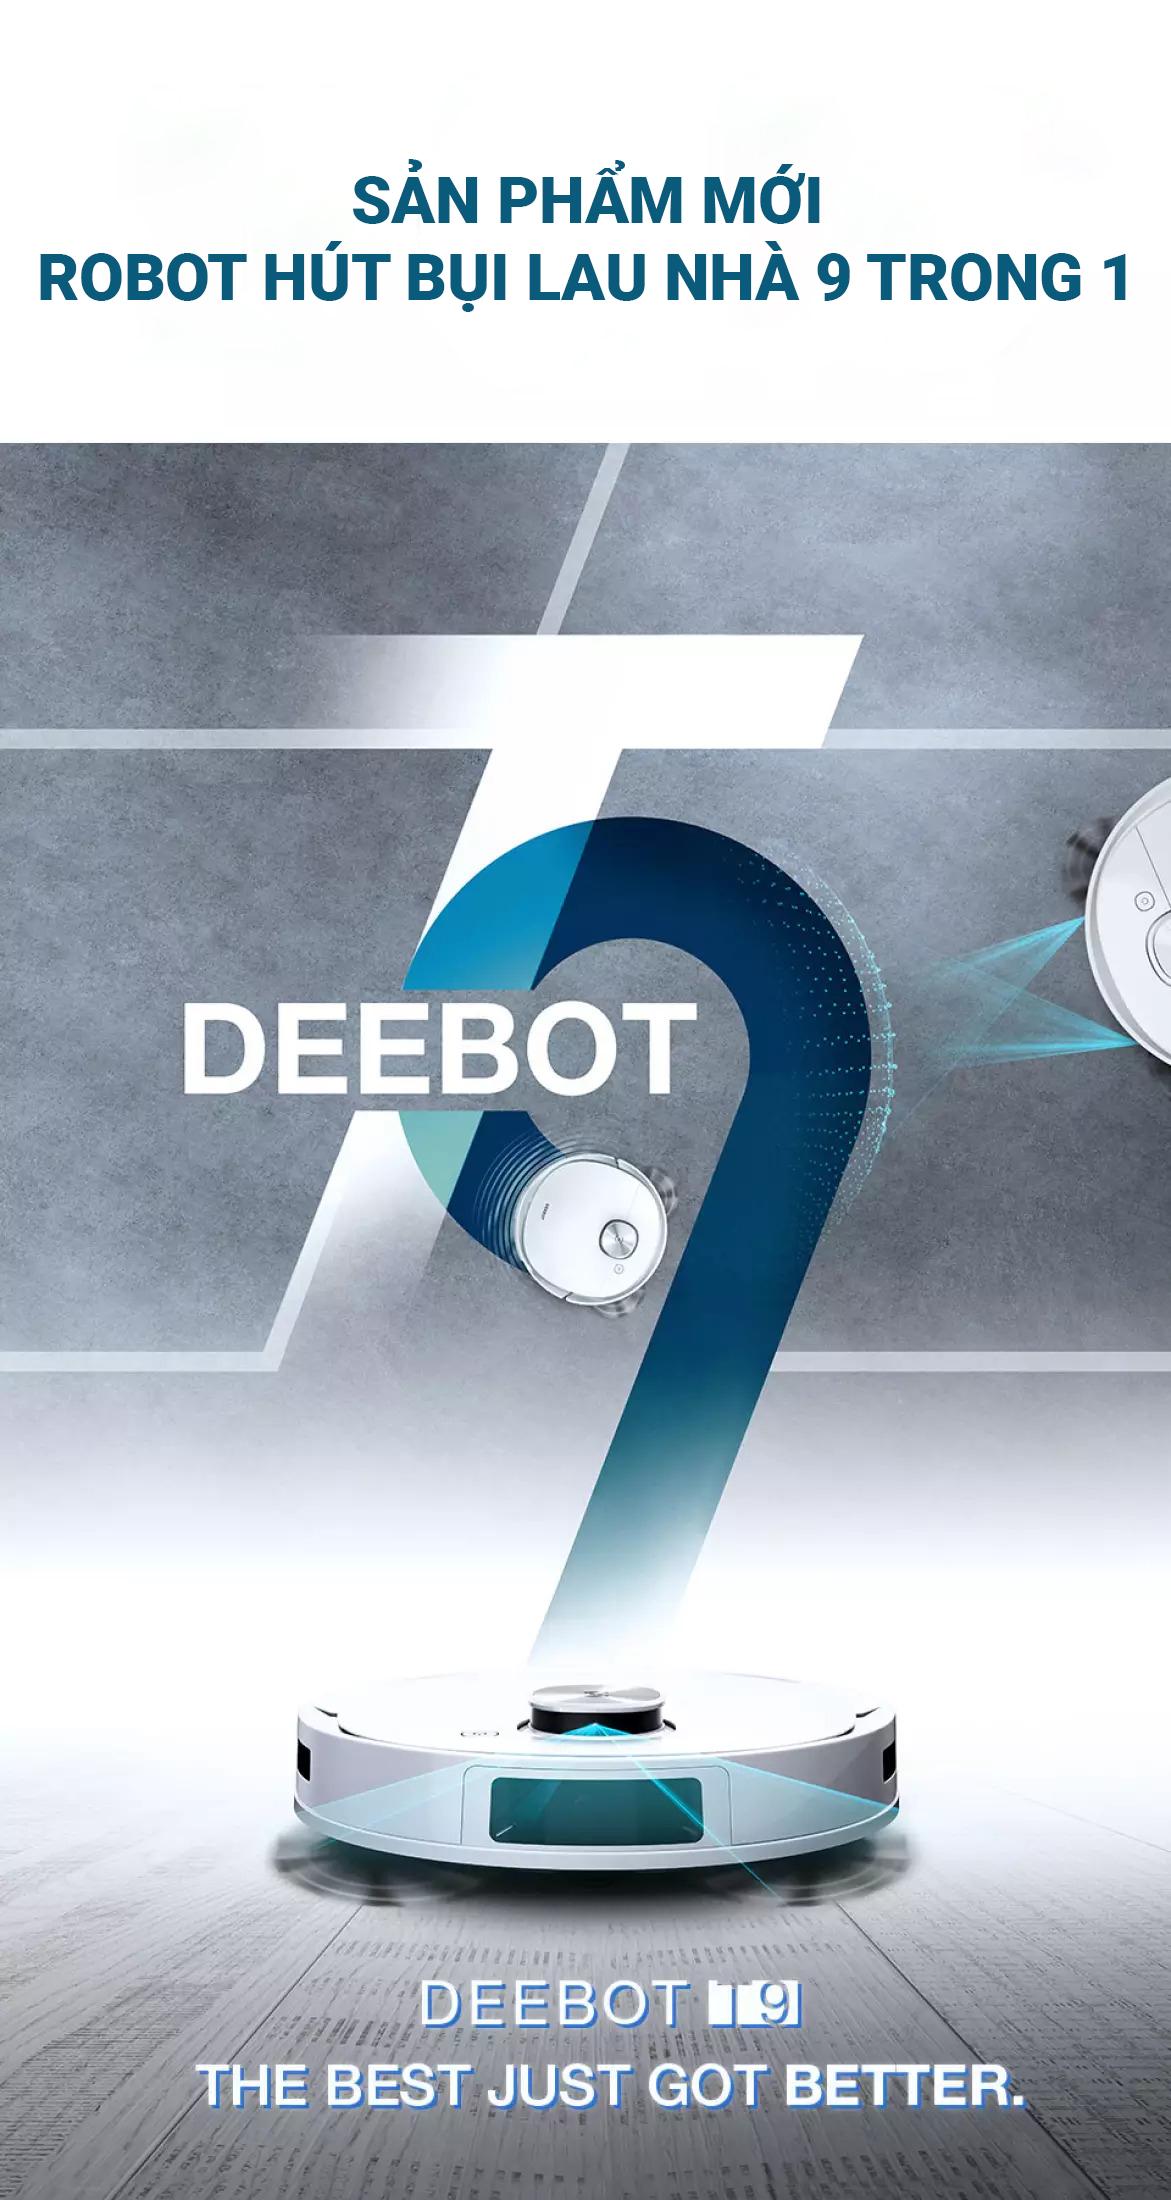 Robot Hút Bụi Lau Nhà Ecovacs Deebot T9 Plus – Lực Hút Max 3000Pa – Hàng  Chính Hãng-Bản Quốc Tế – BH 18 Tháng, Giá Giảm Tới 13 % - congnghehot.com